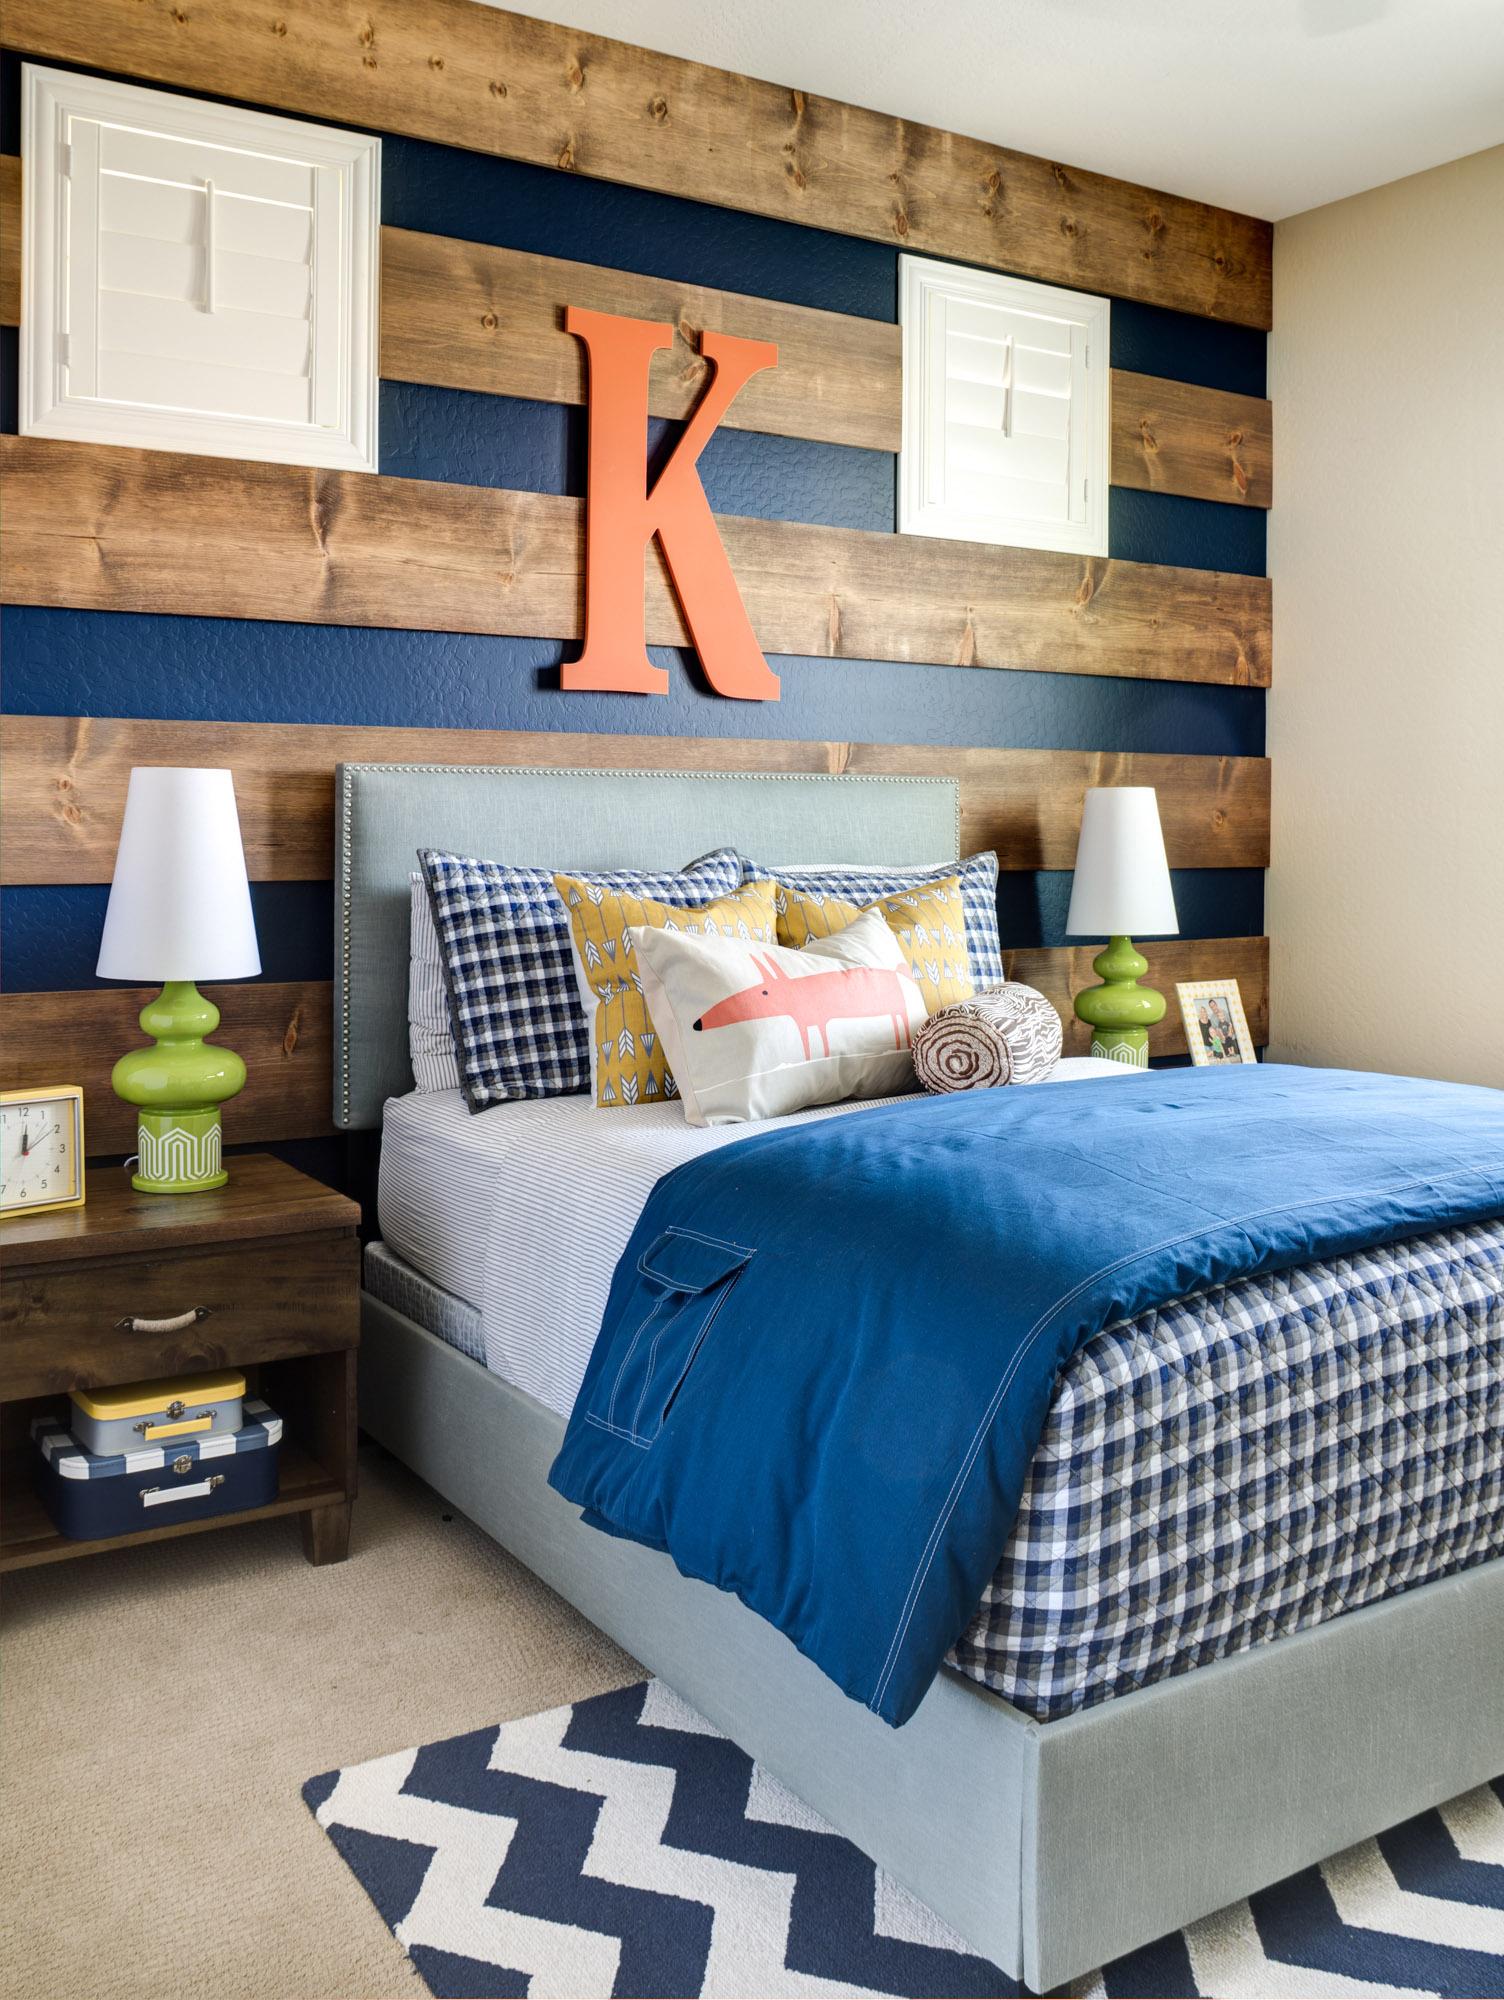 15 Inspiring Bedroom Ideas for Boys - Addicted 2 DIY on Small Bedroom Ideas For Boys  id=27379